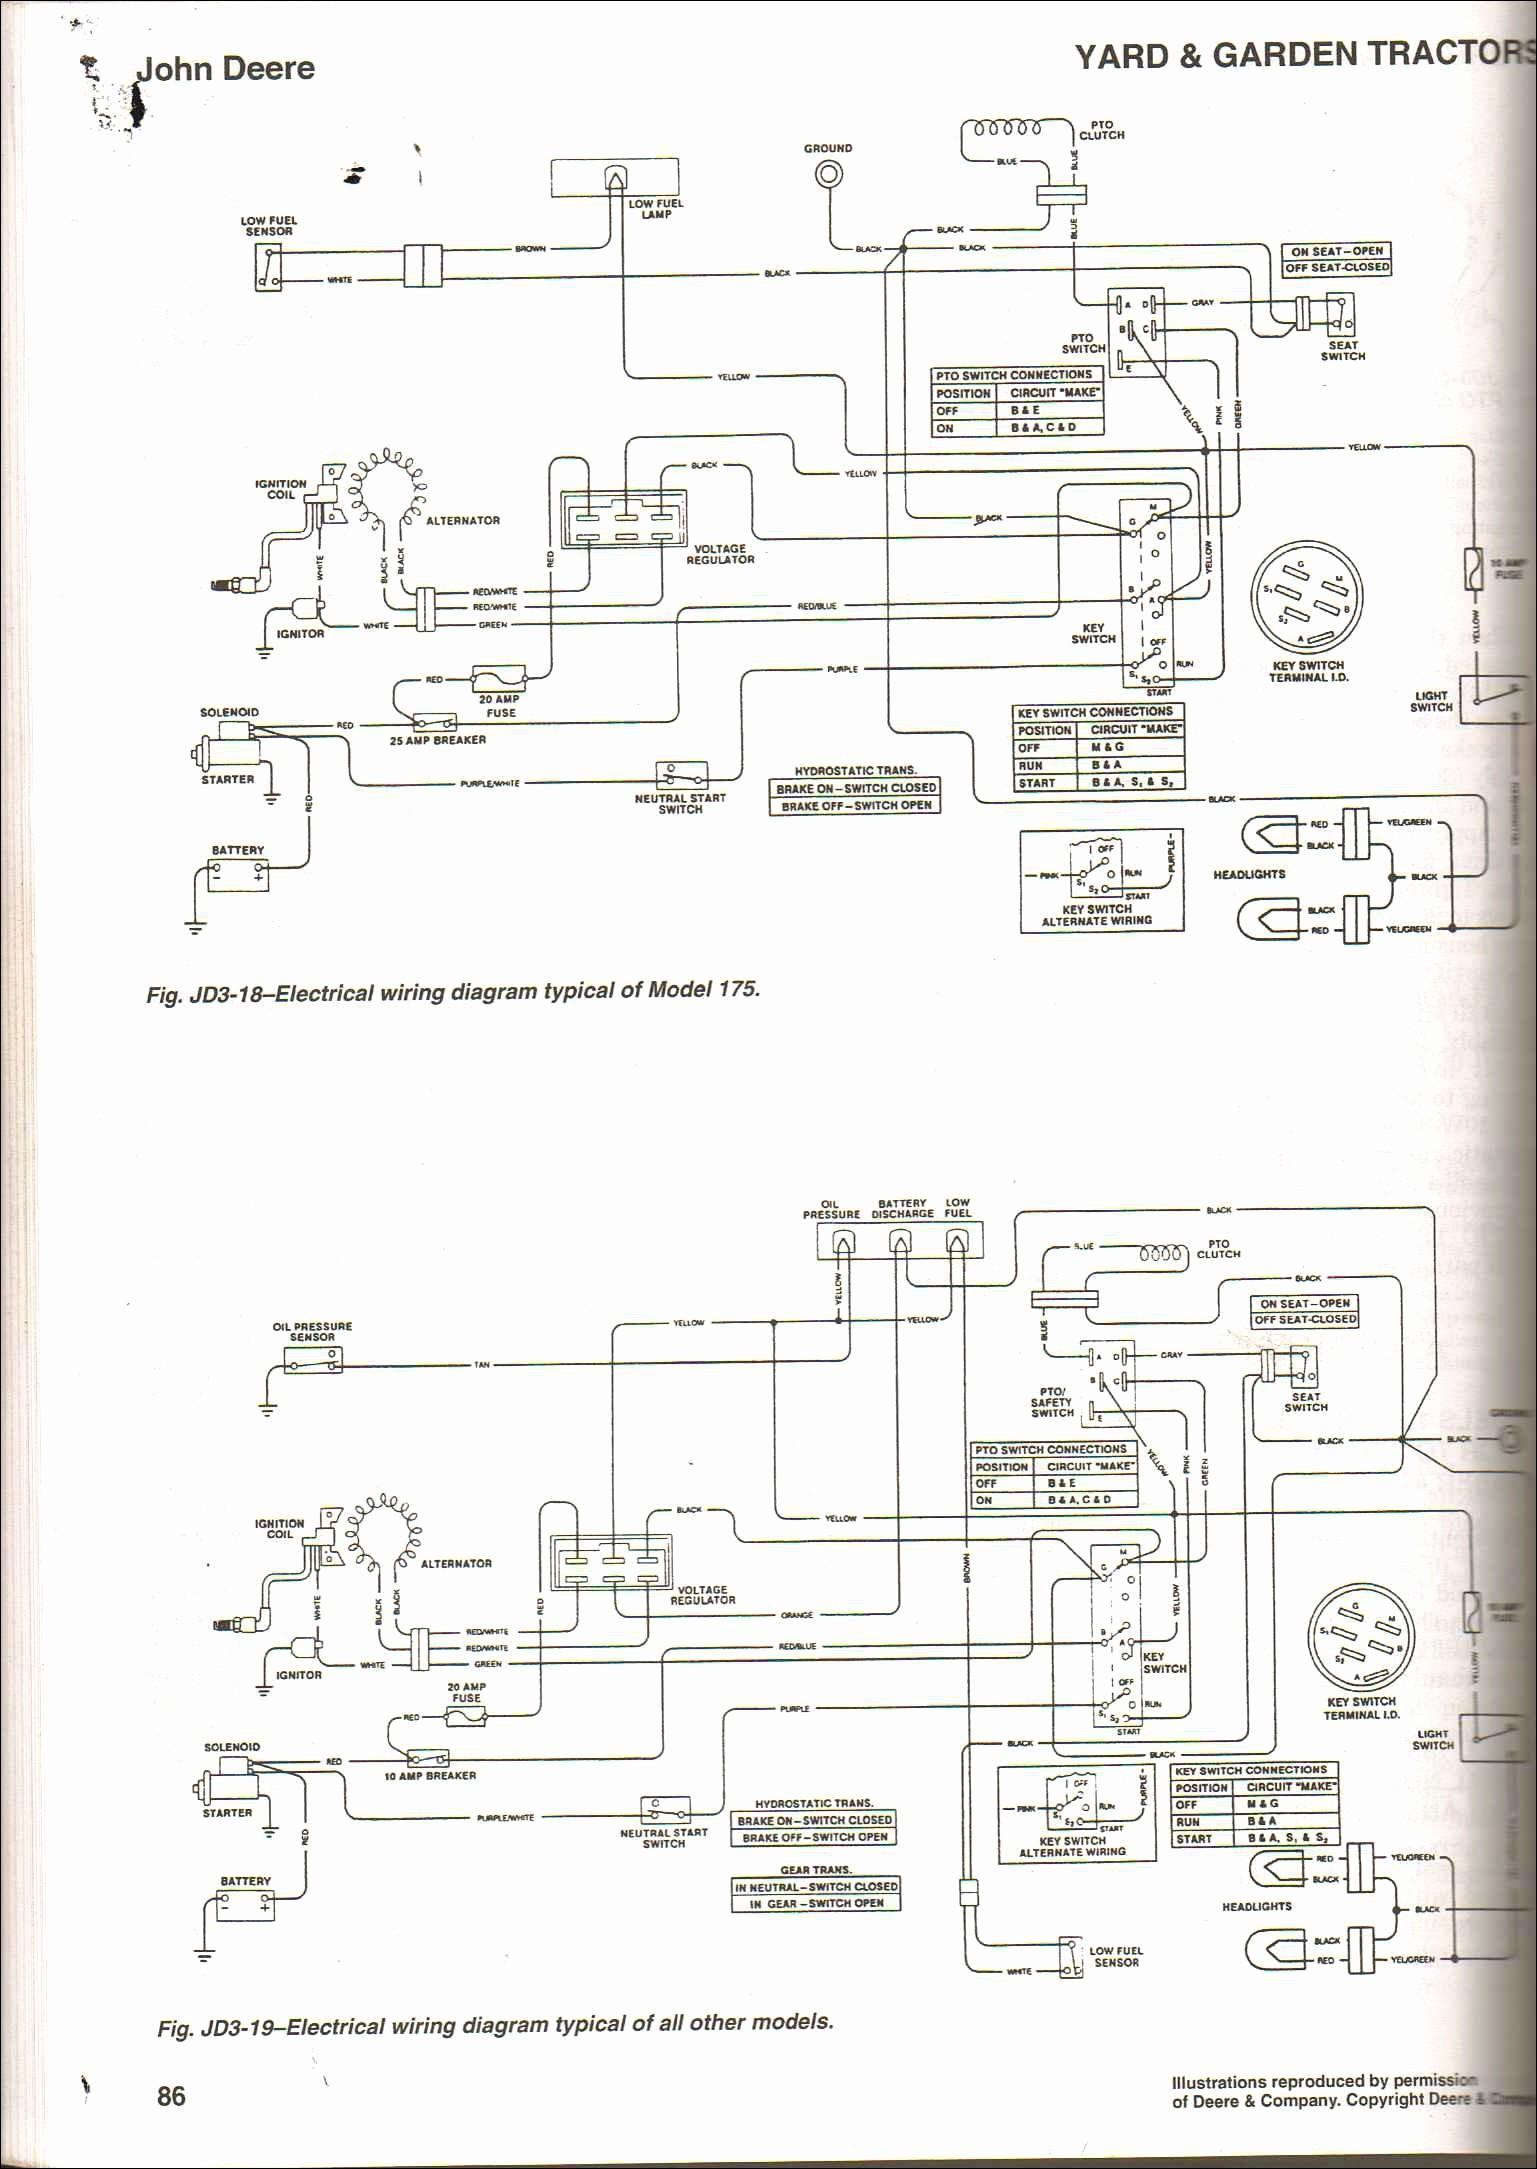 John Deere Lt 133 Wiring Diagram : deere, wiring, diagram, Deere, Lt133, Wiring, Schematic, Tricopter, Diagram